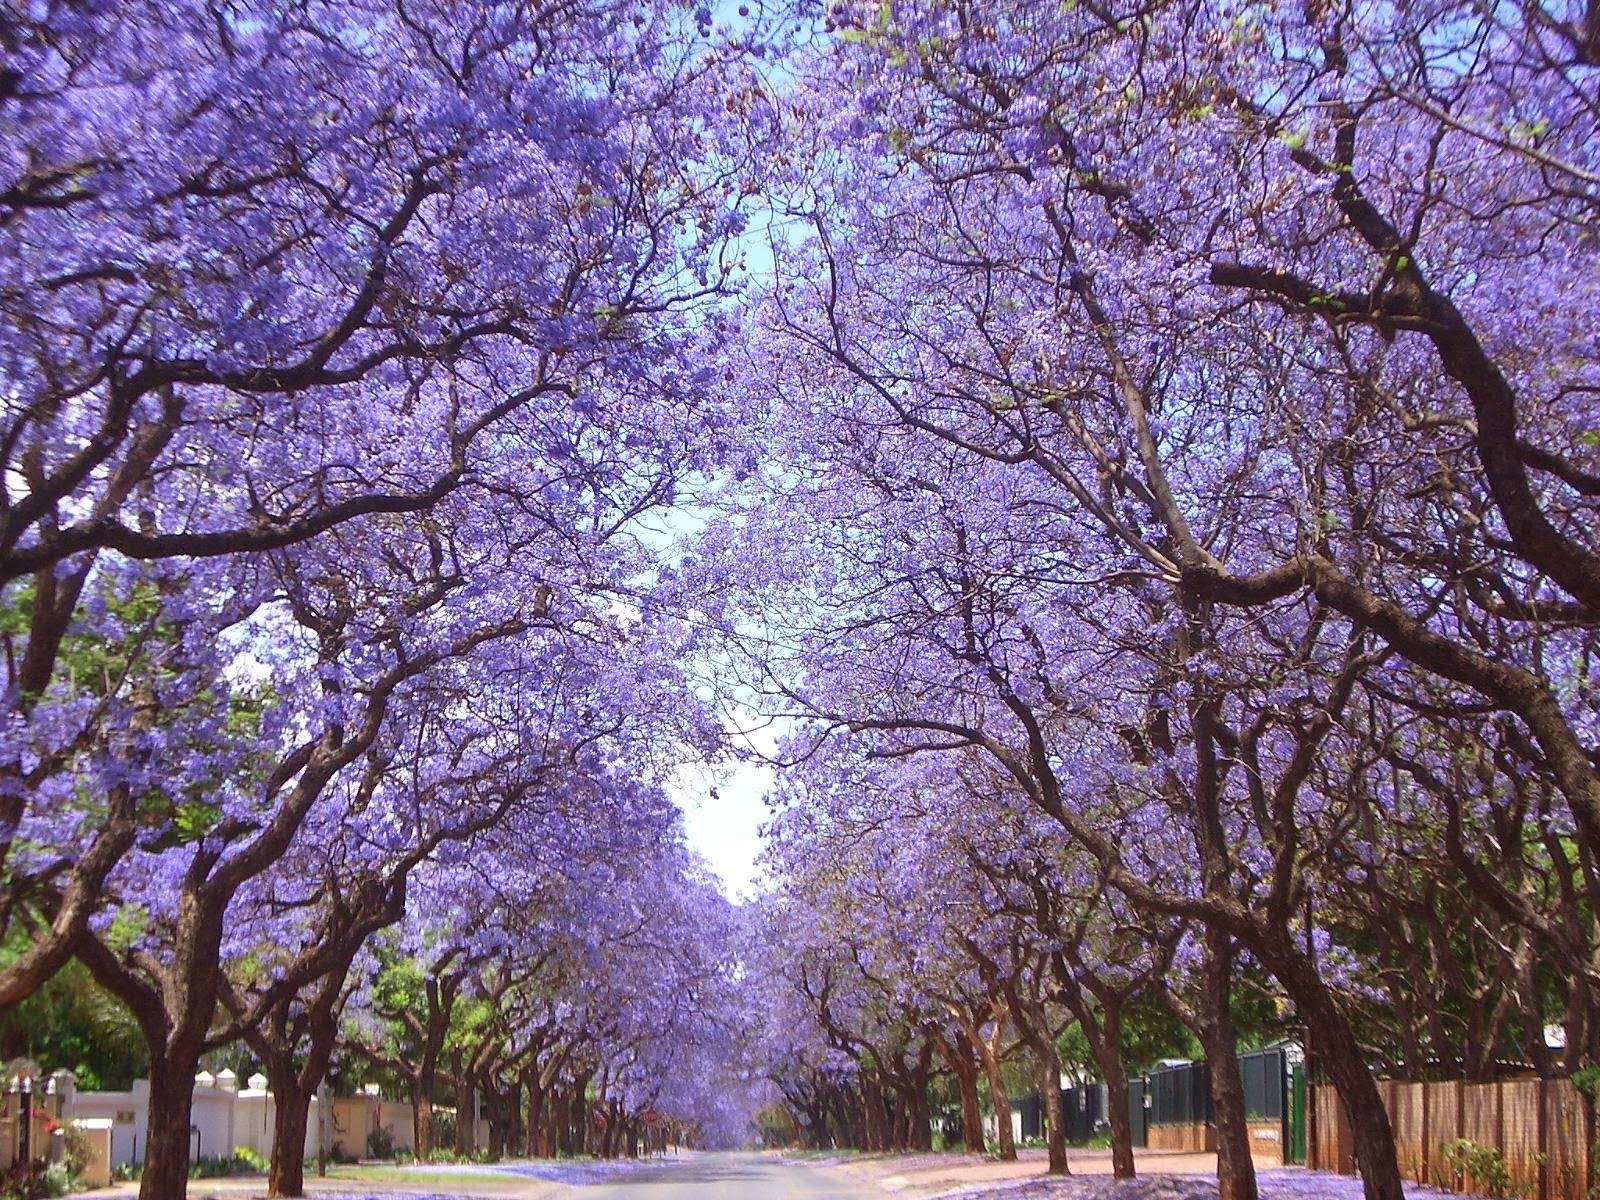 Hoa Jacaranda mát rợp cả con đường, chỉ cần có chút gió lay động, khung cảnh thần tiên có hàng ngàn cánh hoa bay sẽ xuất hiện trước mắt bạn